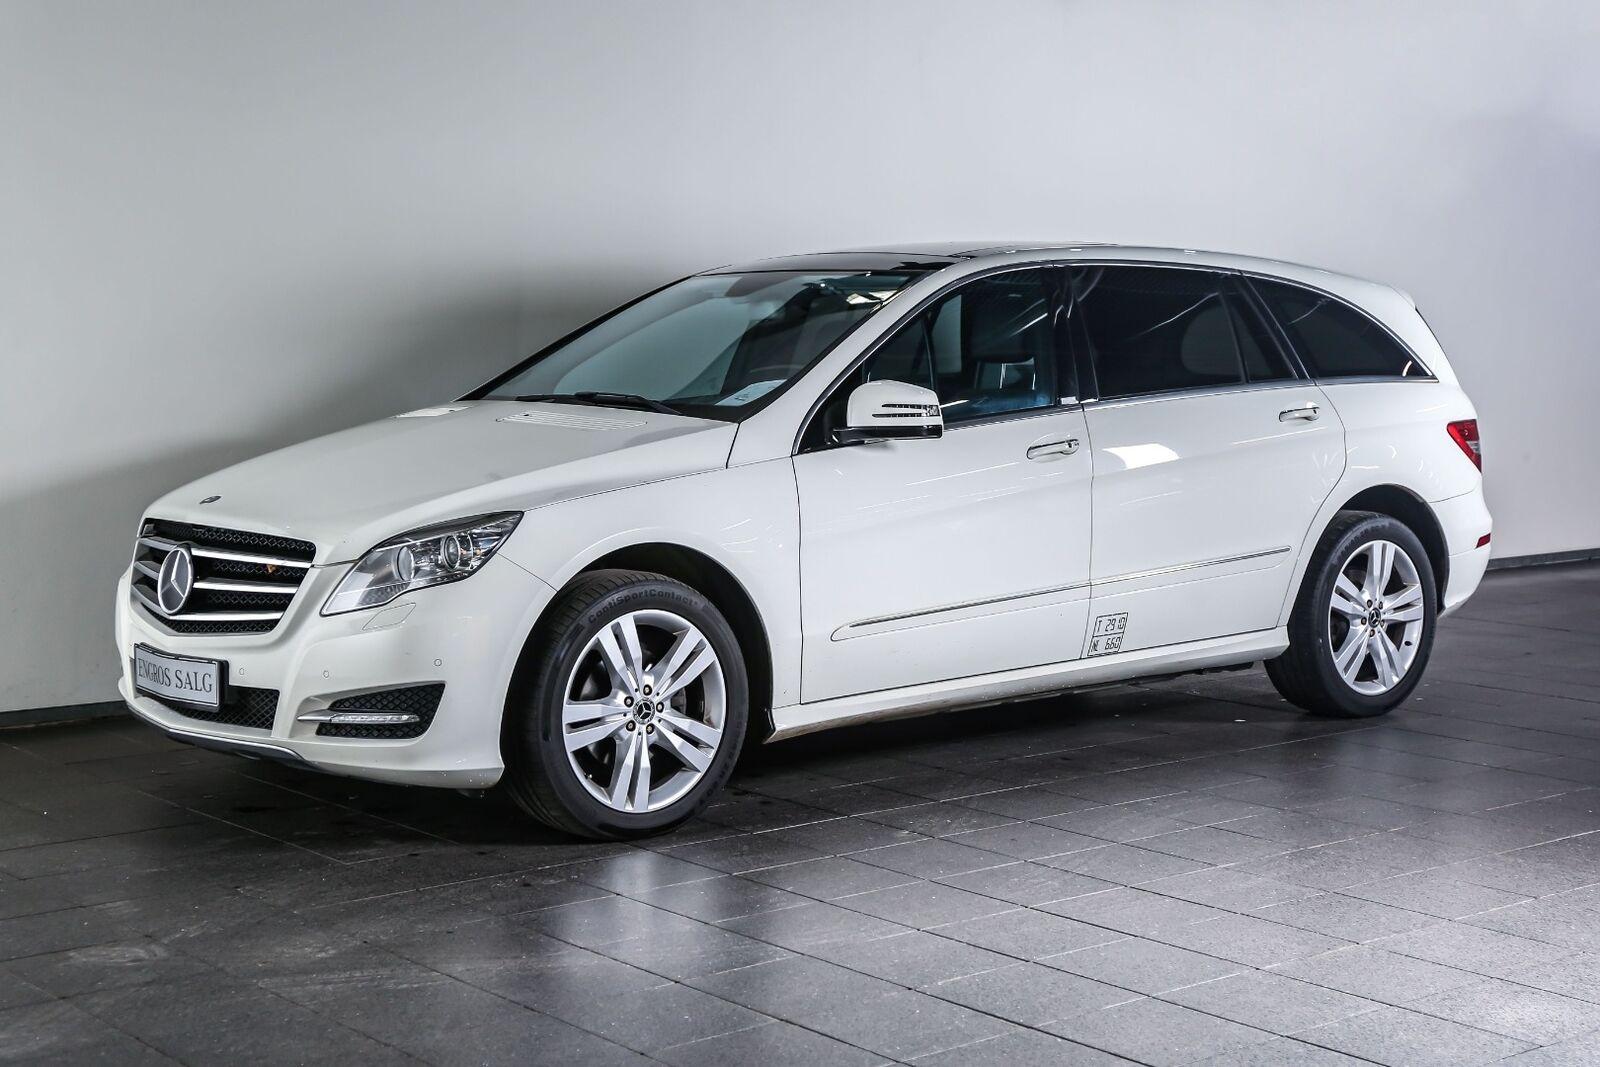 Mercedes-Benz R350 3,0 CDi aut. 4-M lang Van